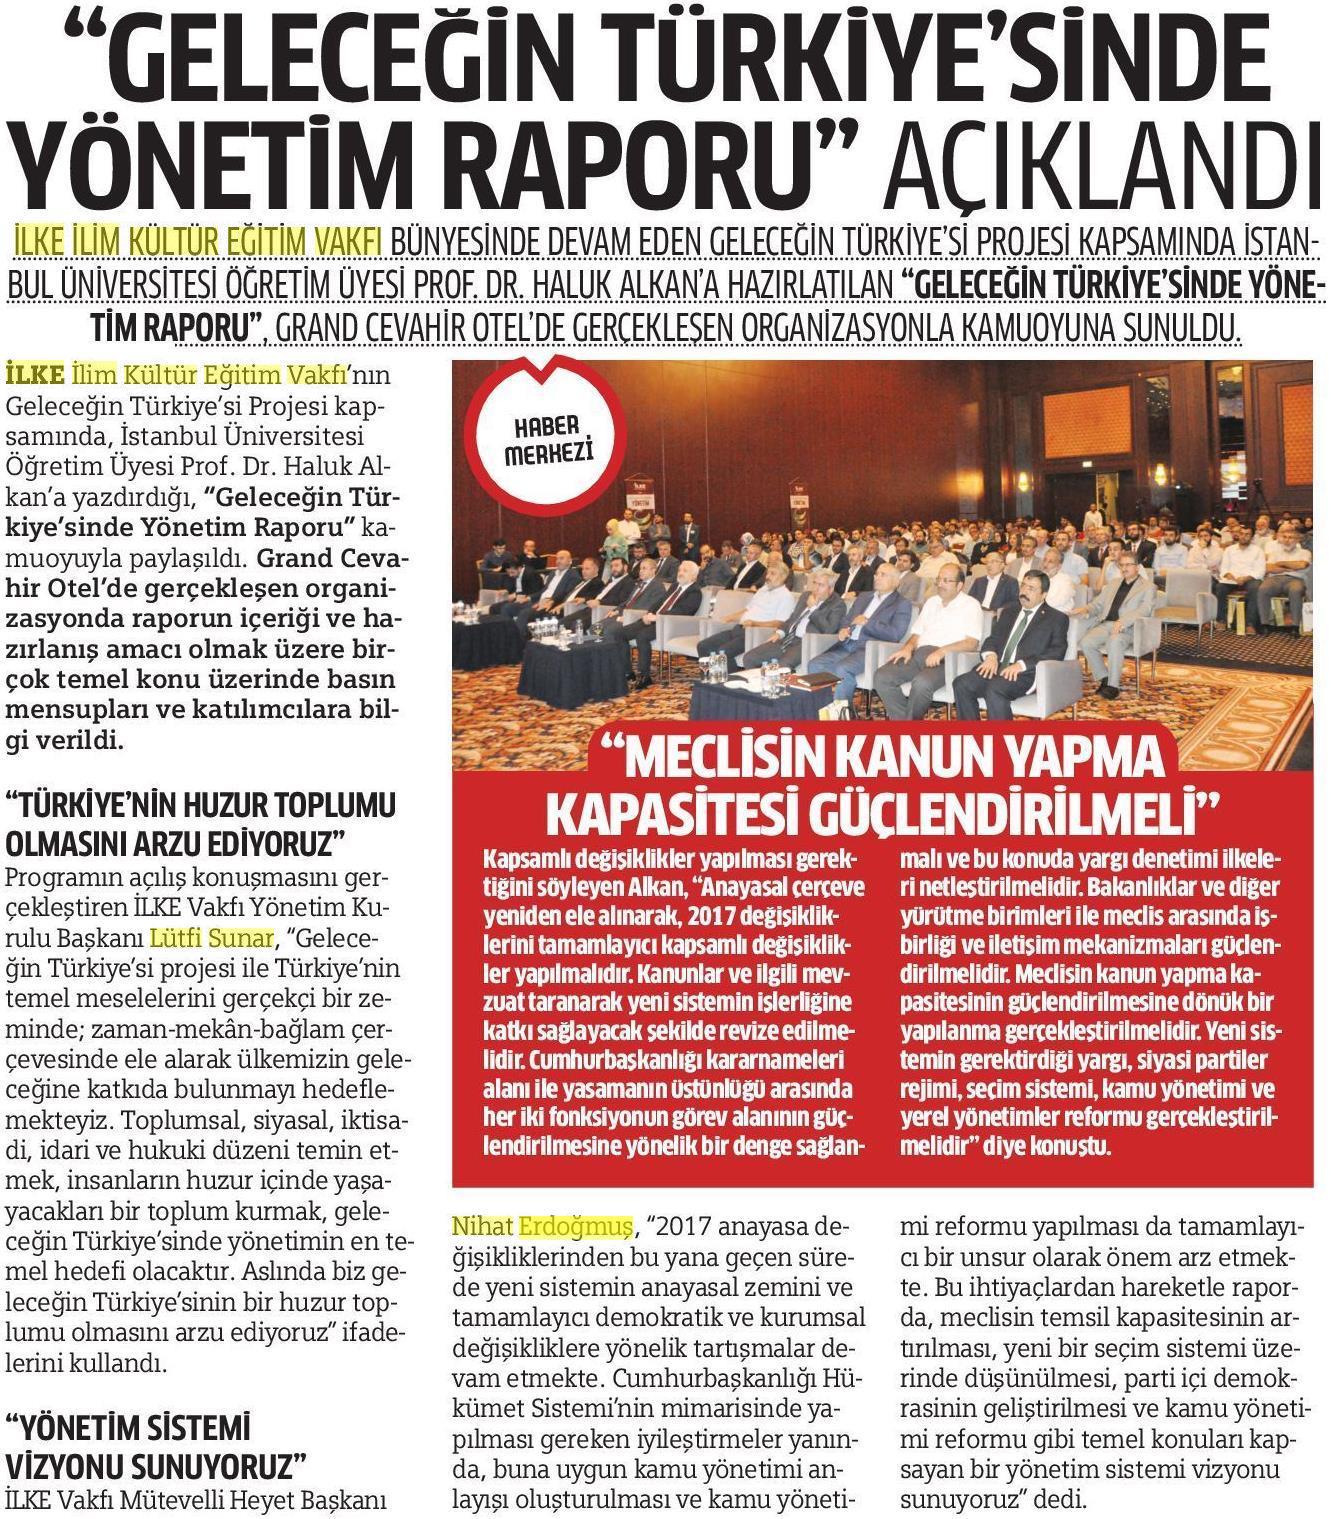 Geleceğin Türkiyesinde Yönetim Açıklandı, Milli Gazete